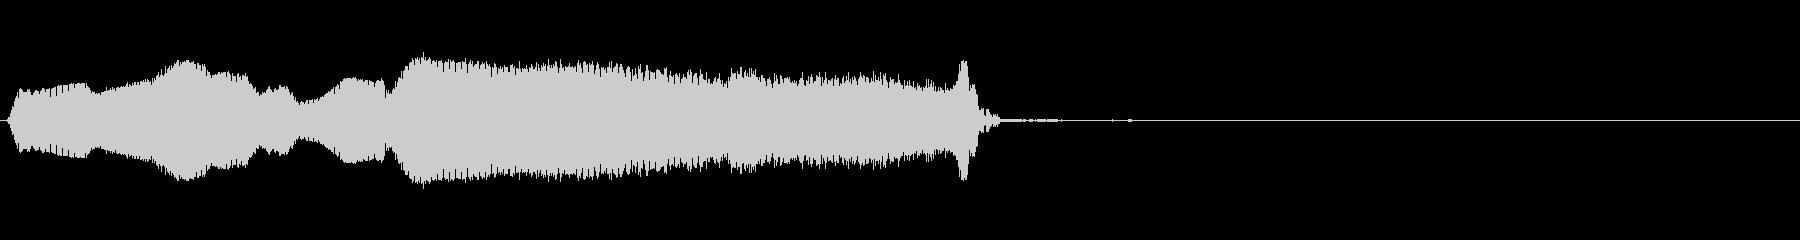 トランペット:ミュートワウワッアク...の未再生の波形